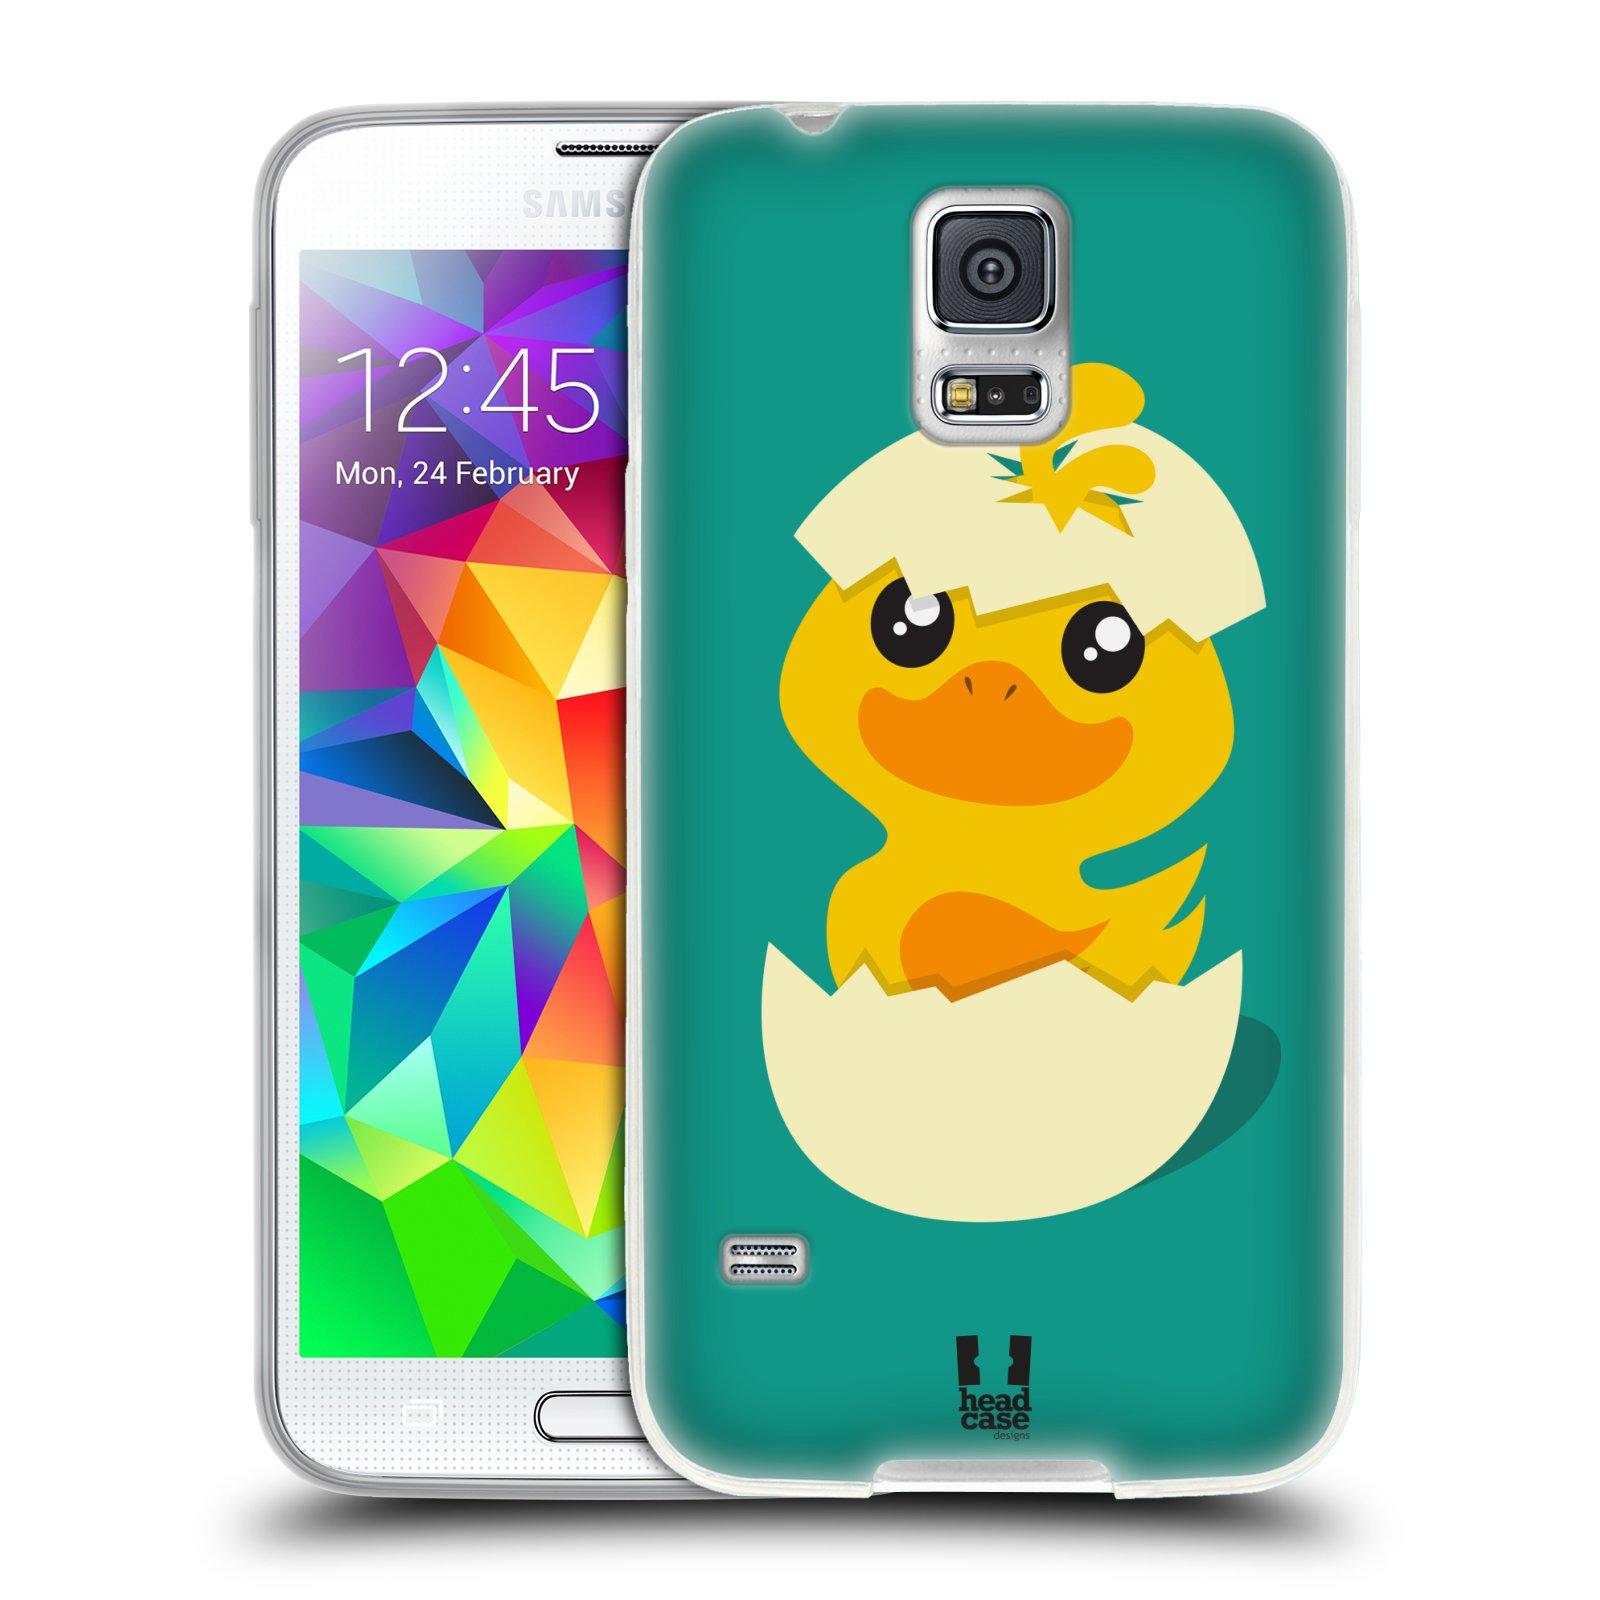 Silikonové pouzdro na mobil Samsung Galaxy S5 HEAD CASE KACHNIČKA Z VAJÍČKA (Silikonový kryt či obal na mobilní telefon Samsung Galaxy S5 SM-G900F)